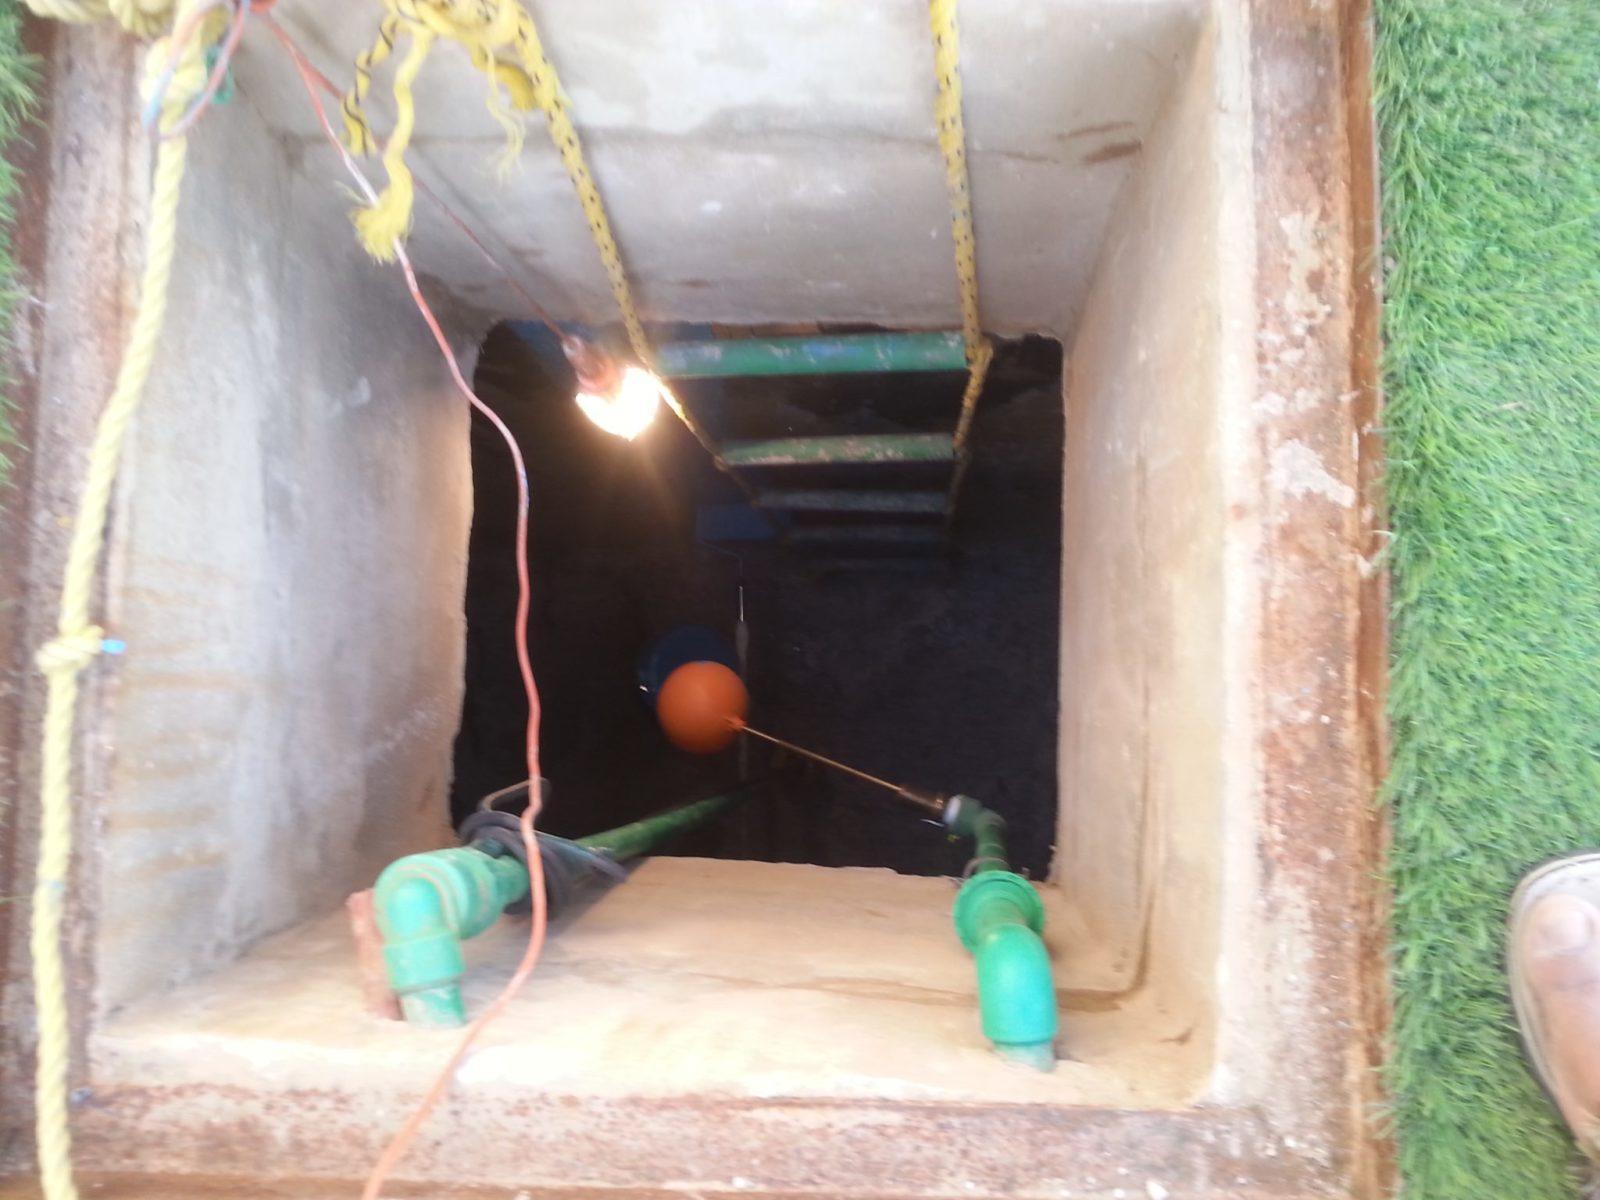 كشف واصلاح تسربات المياه في الخزانات او الخزان الارضي 0555717947